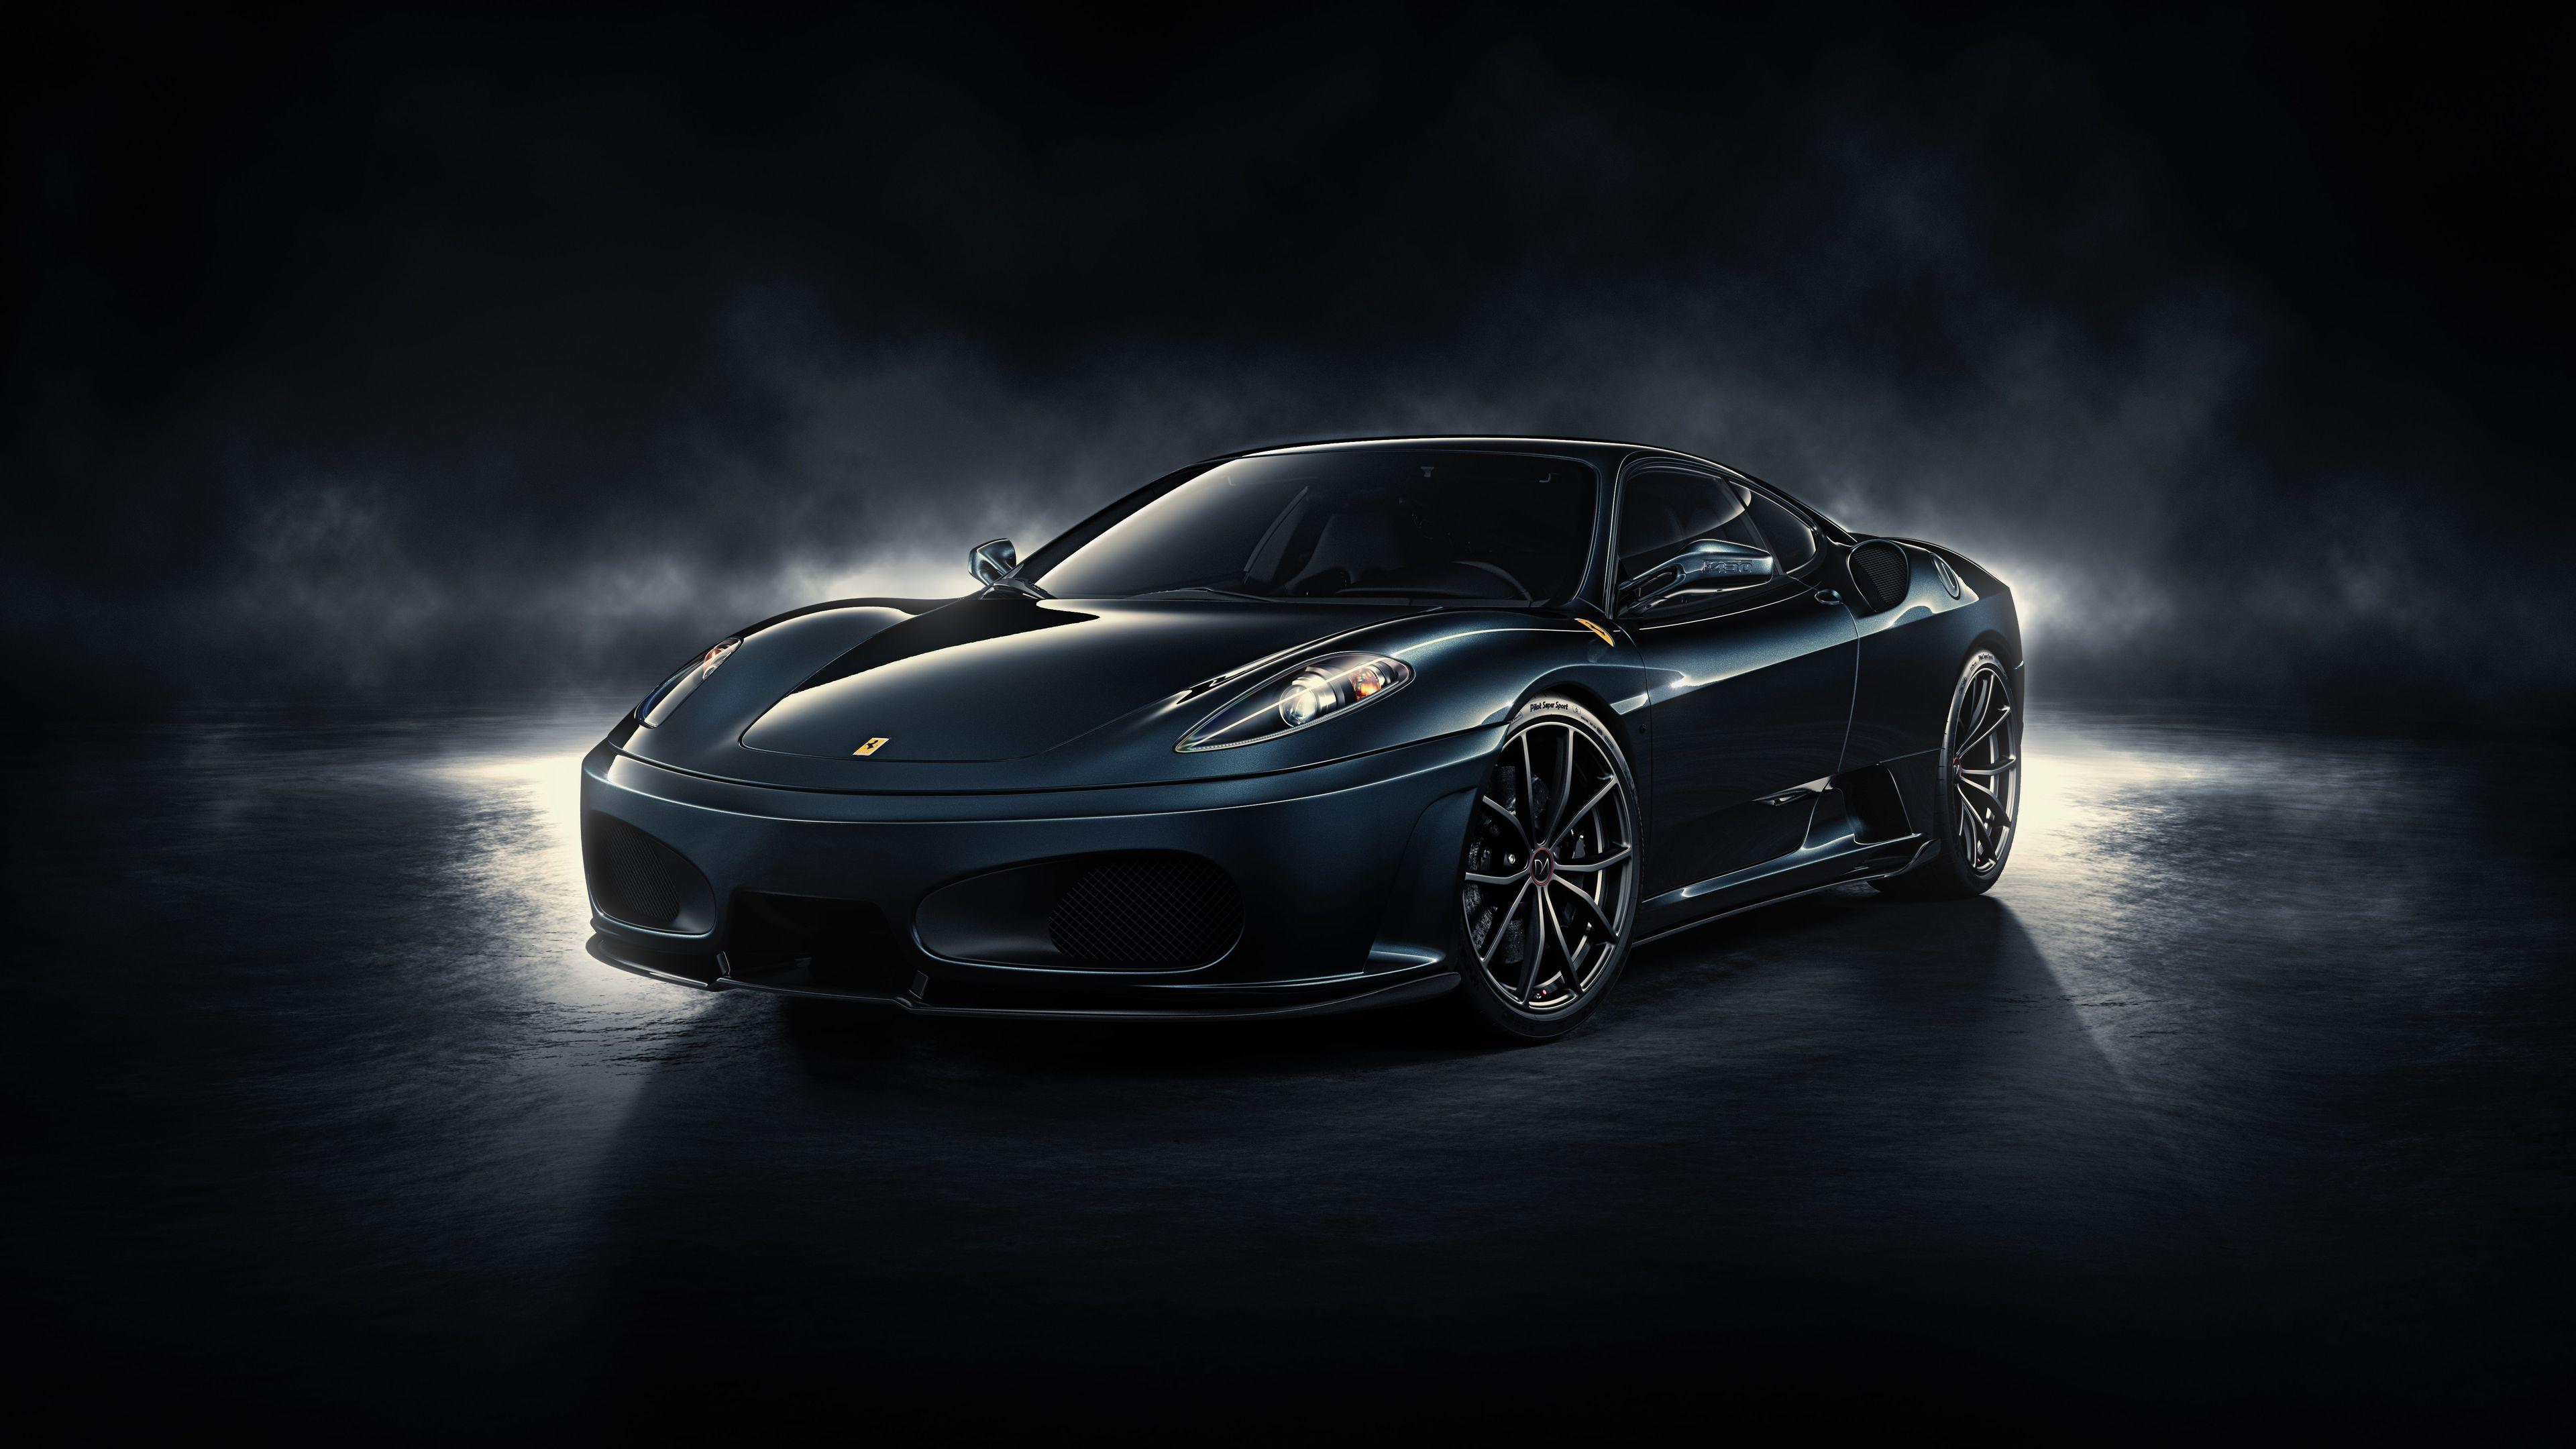 ferrari 4k 2019 1559764652 - Ferrari 4k 2019 - hd-wallpapers, ferrari wallpapers, cars wallpapers, 4k-wallpapers